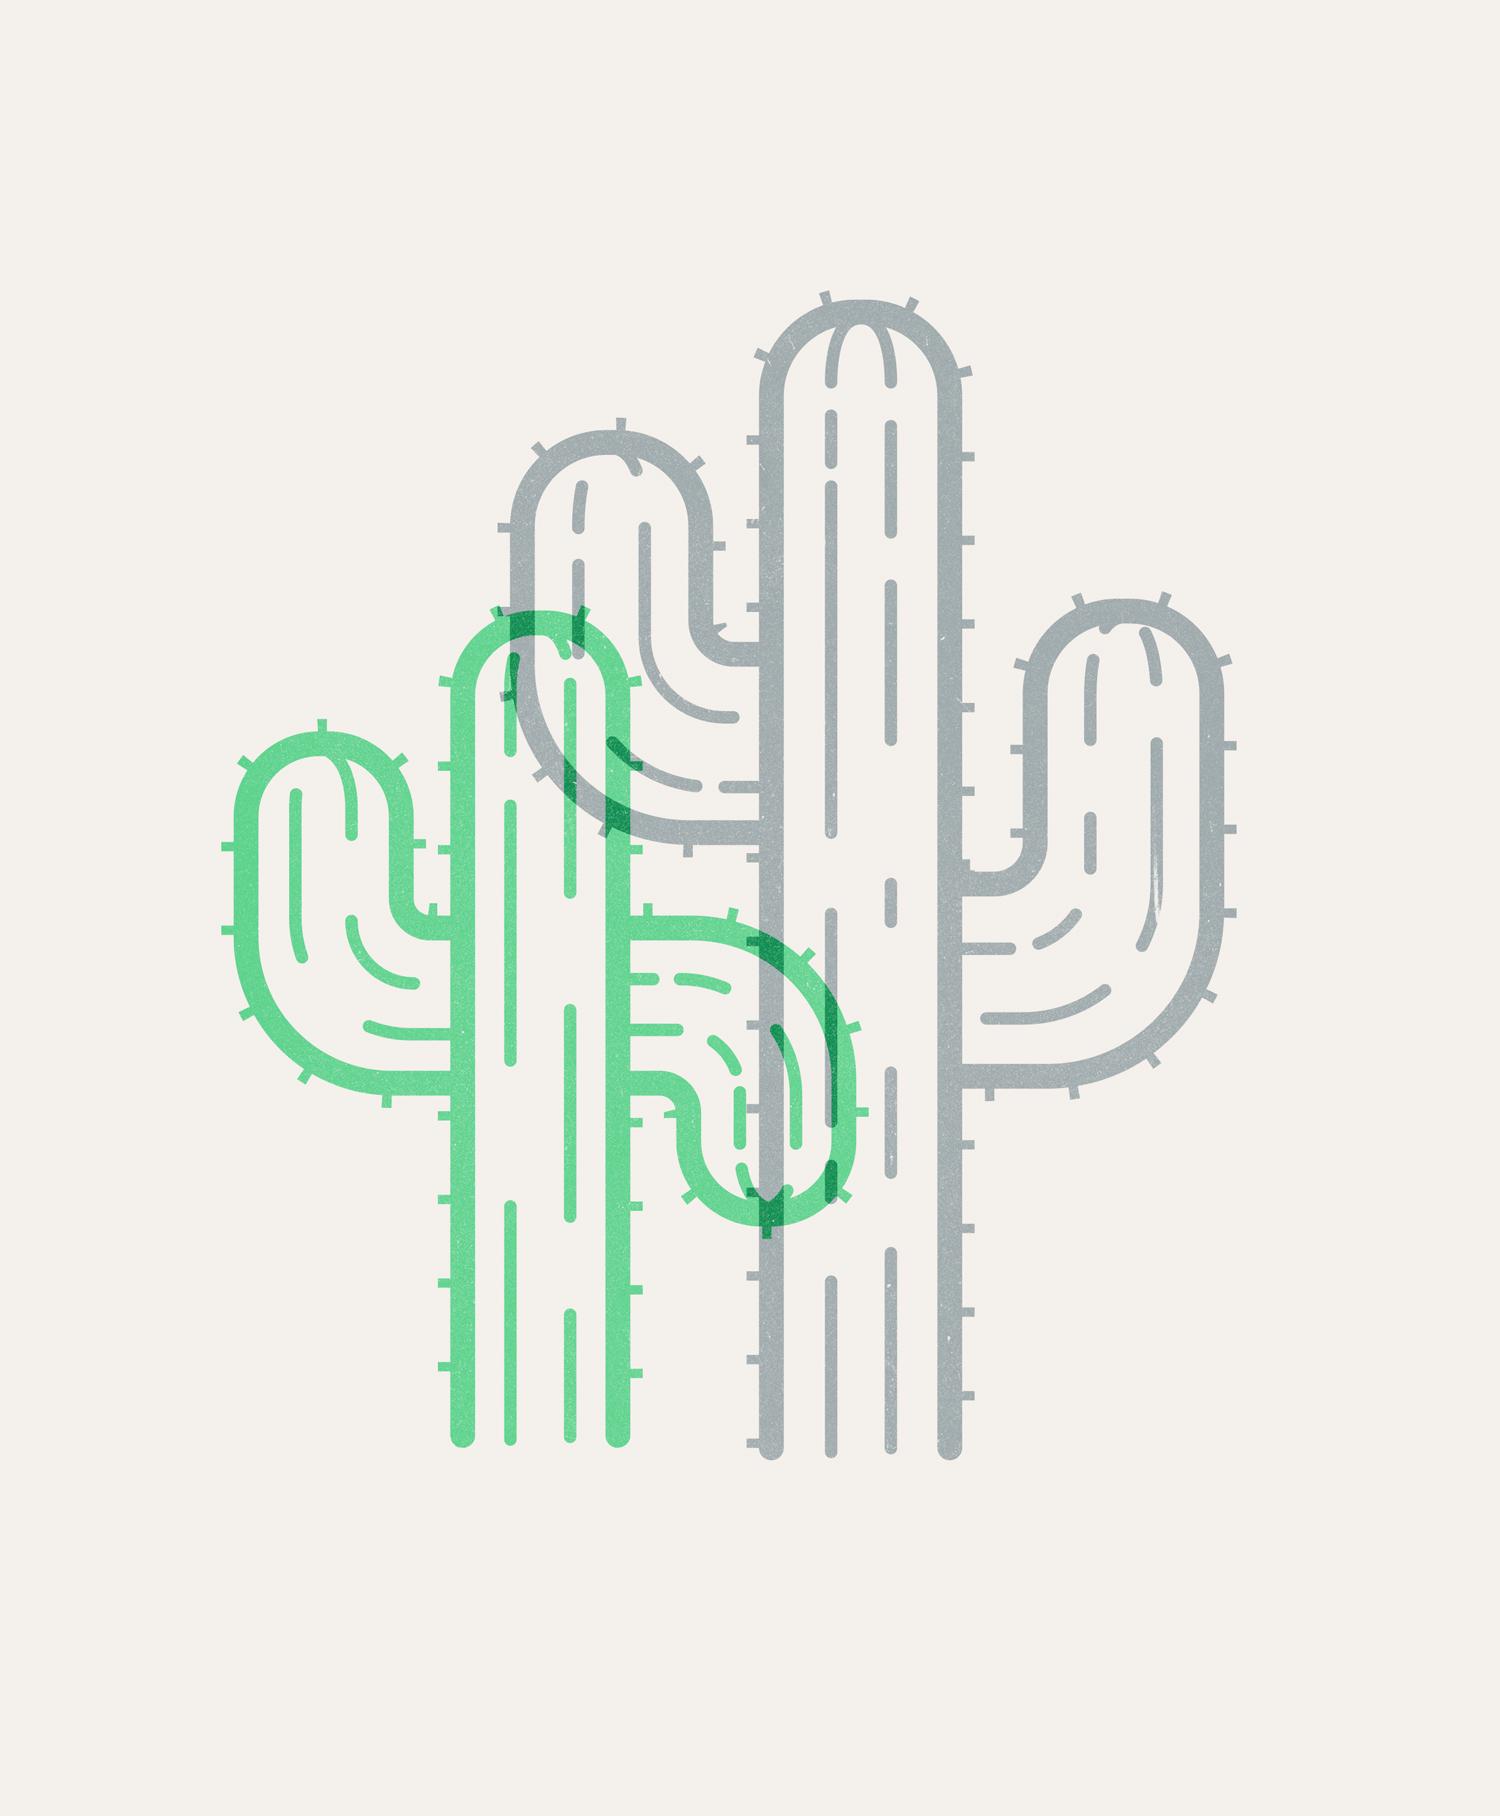 Cacti-coltonfloris